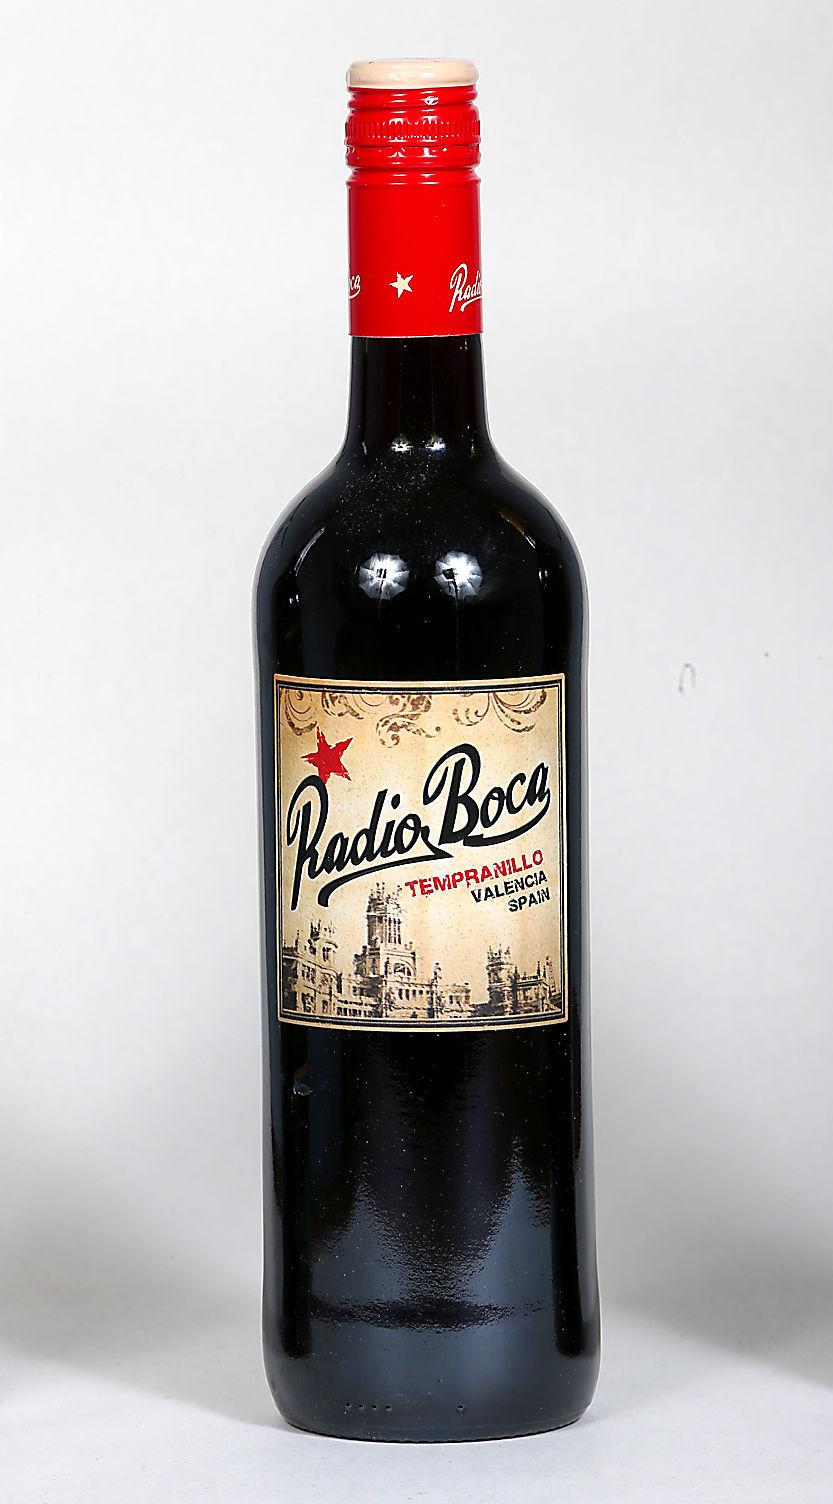 Wine Radio Boca